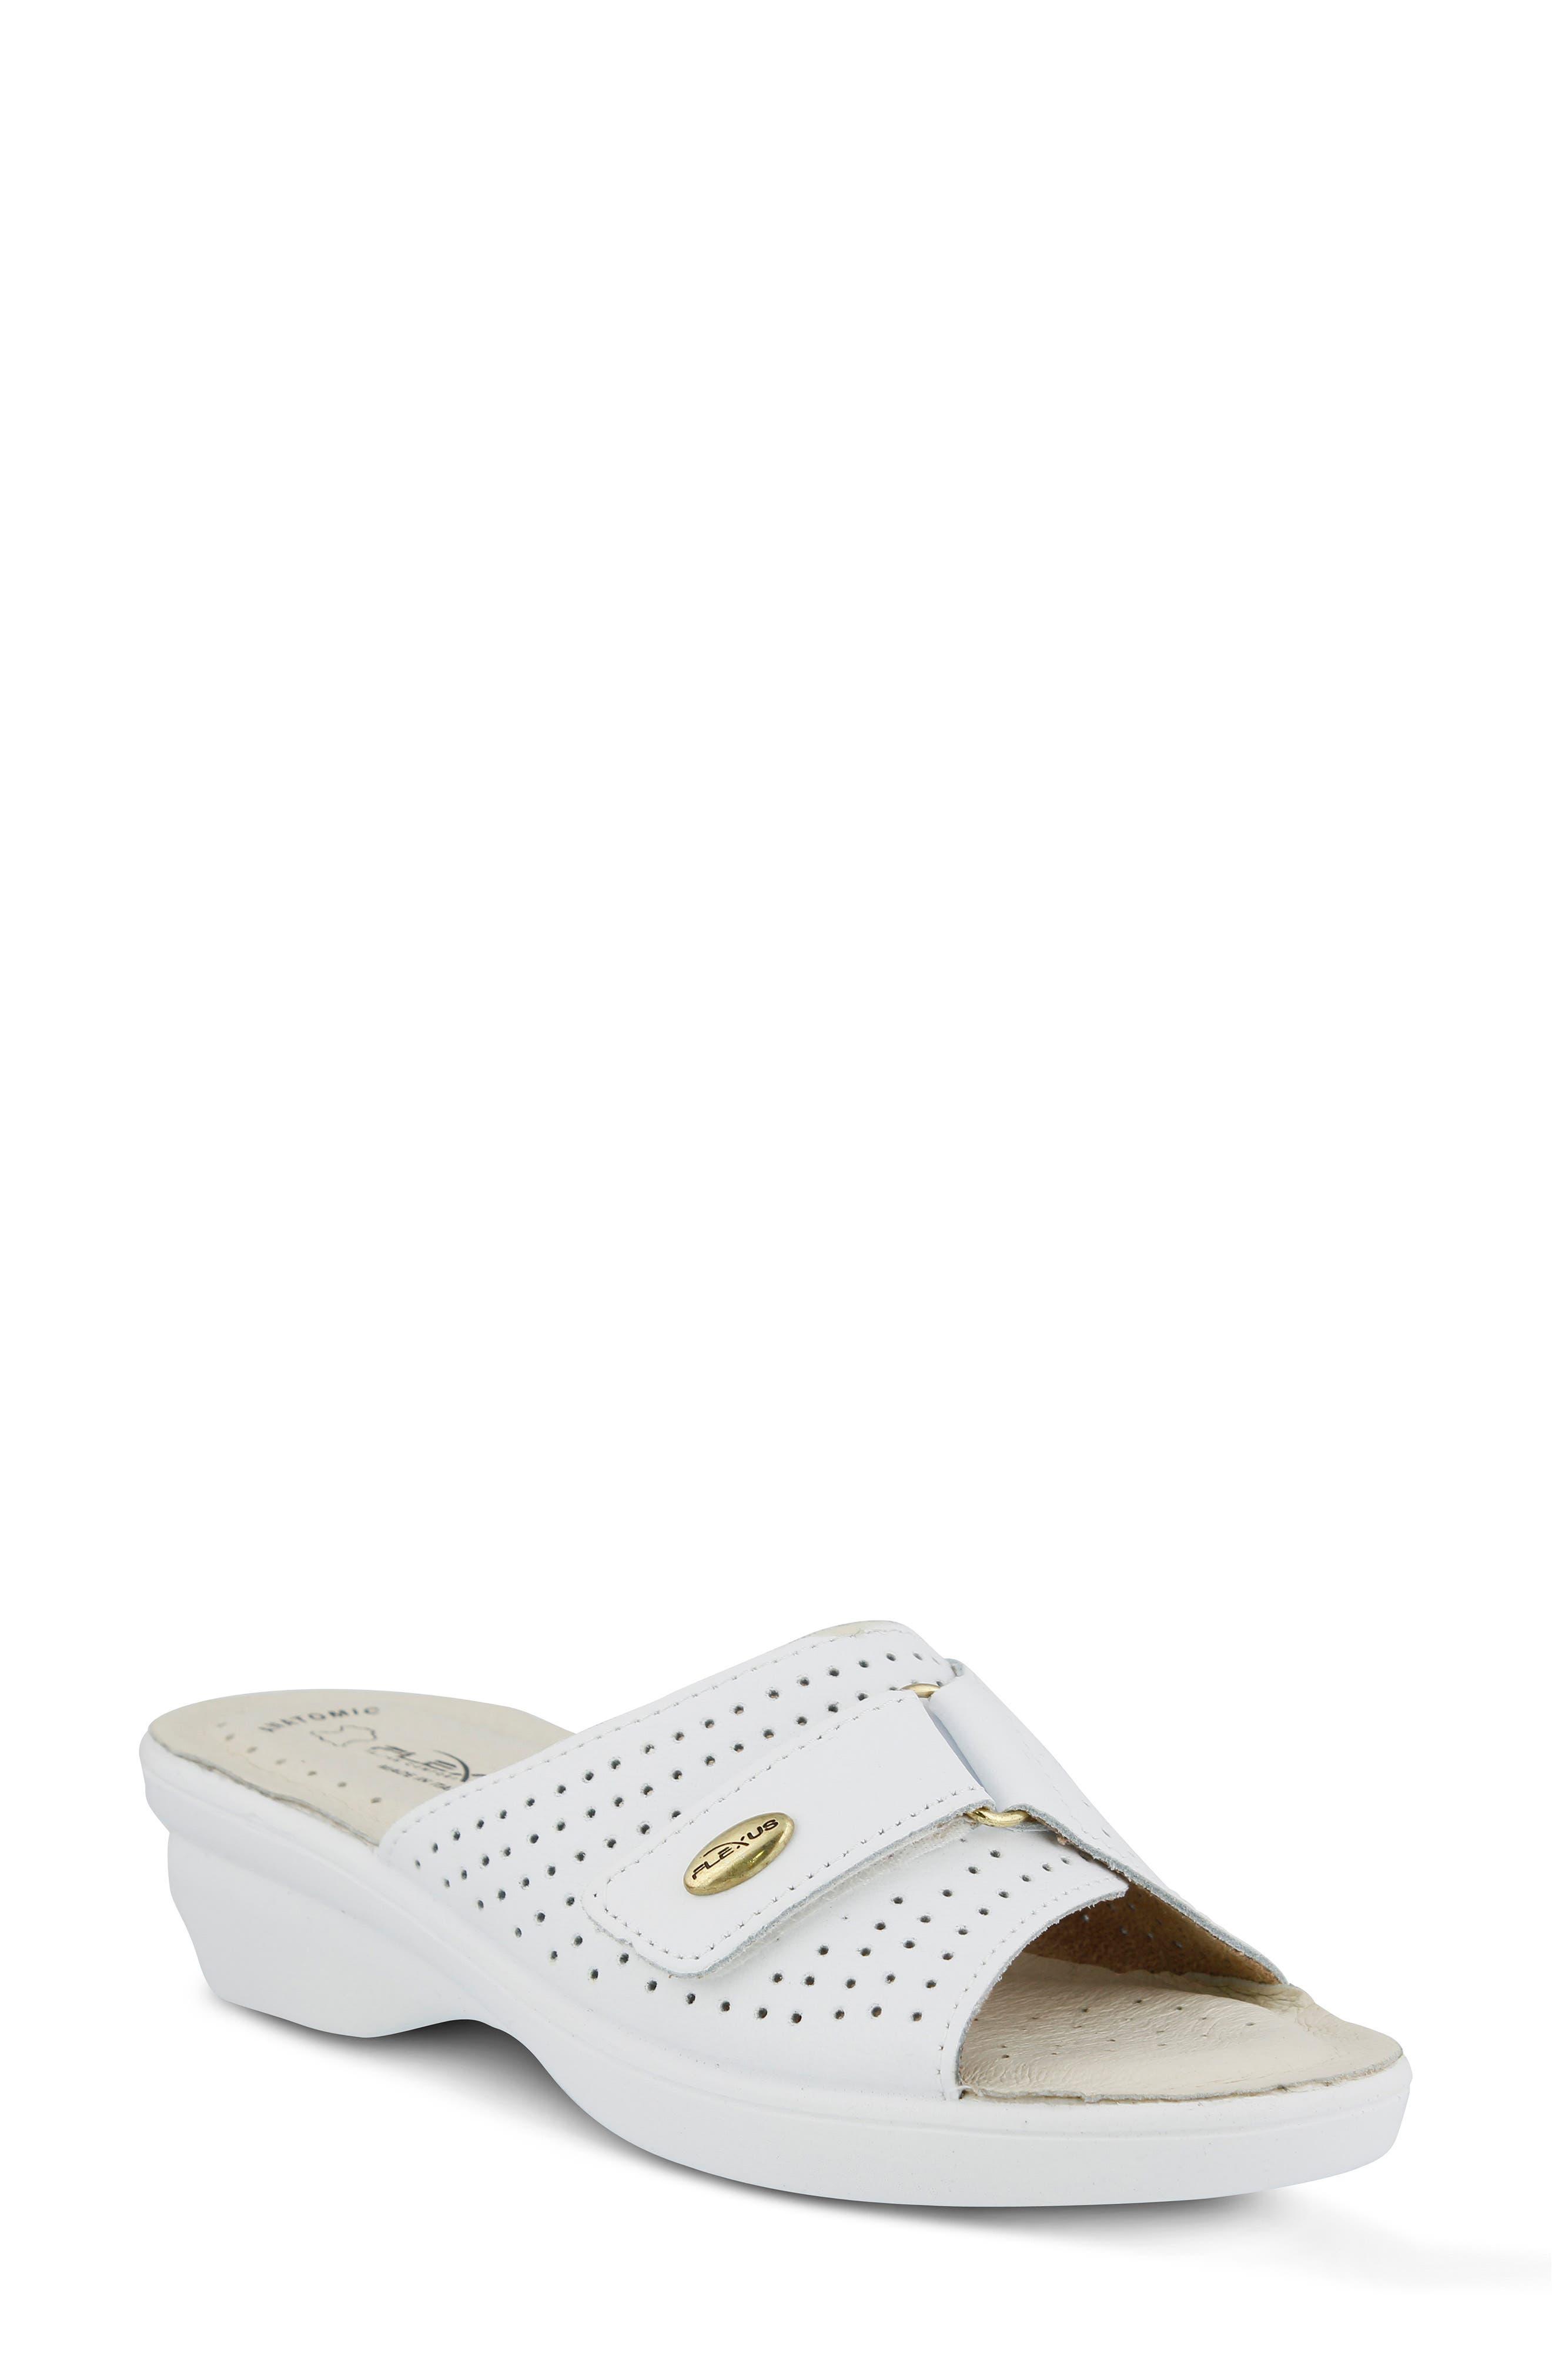 Kea Slide Sandal